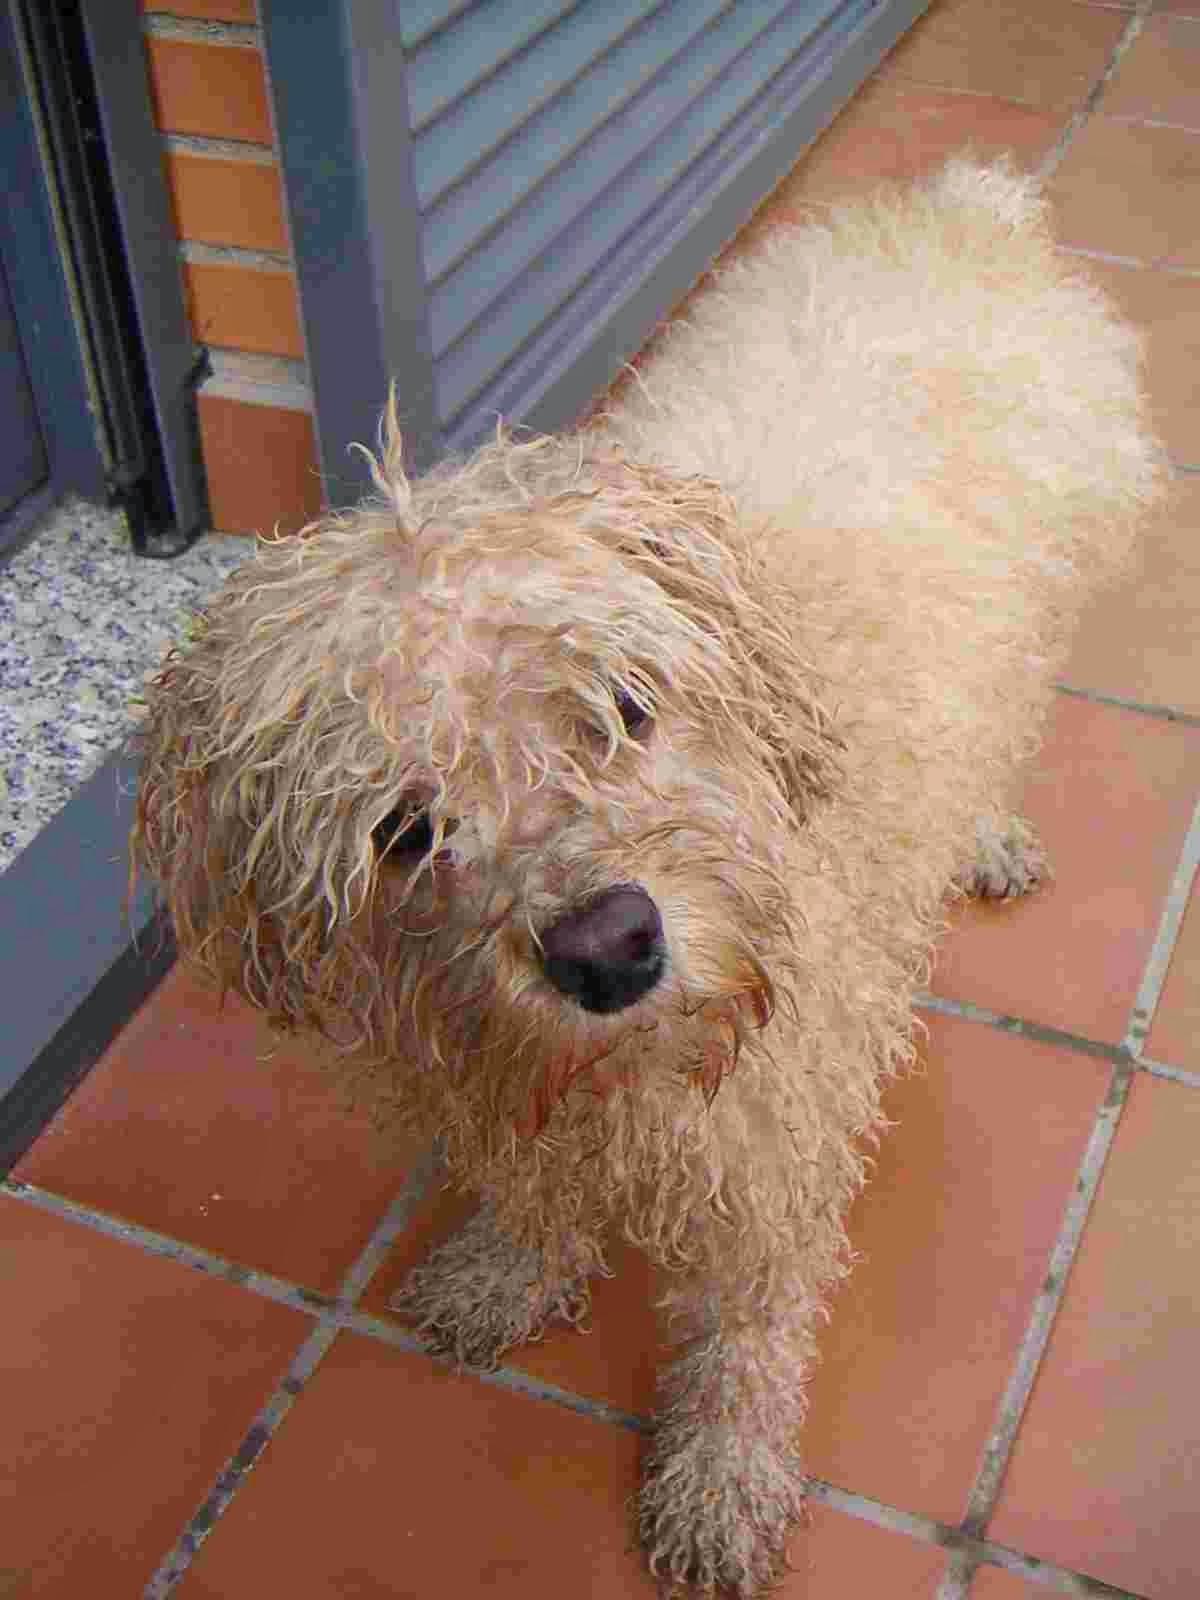 Porque Mi Baño Huele Feo:Qué agobio Manual de supervivencia en casa: Mascotas mantener la